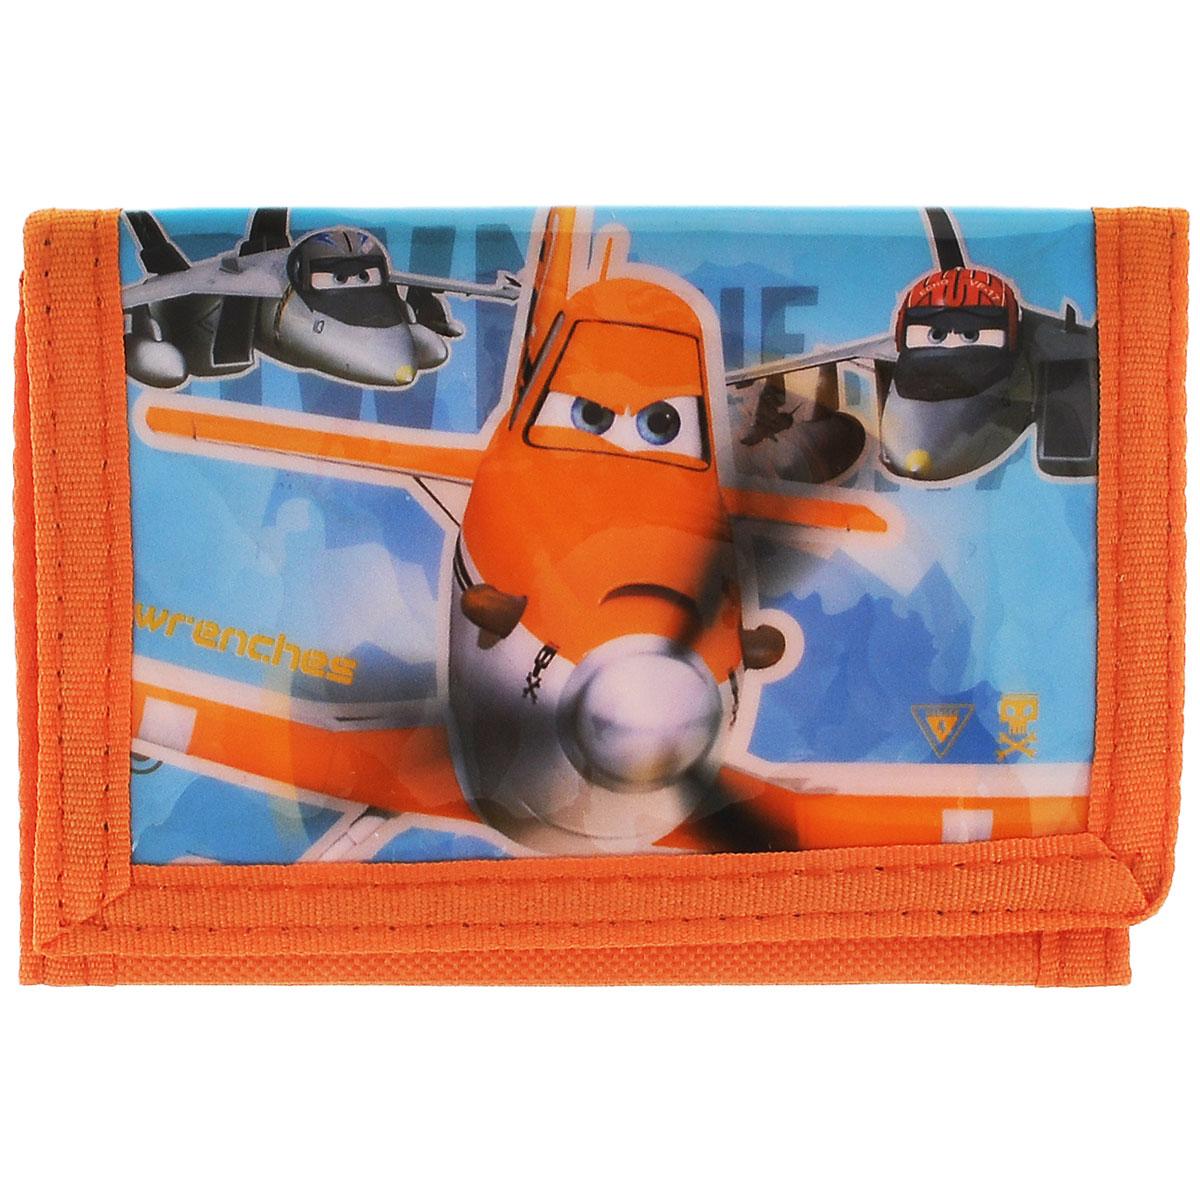 Кошелек детский Planes, цвет: оранжевый. D86120D86120Яркий, красивый кошелек для мальчиков Planes оформленный в стиле знаменитого мультфильма Самолеты от студии Disney обязательно понравится вашему ребенку. Кошелек имеет одно главное отделение, застегивается на липучку. На задней стороне кошелька есть внешний карман на молнии. Бегунок молнии сделан в виде монетки с цифрой 7. Внутри кошелька также имеются 4 кармашка. Кошелек сделан из качественных и прочных материалов и не порвется, а это значит, что малыш может не переживать за свои сбережения.